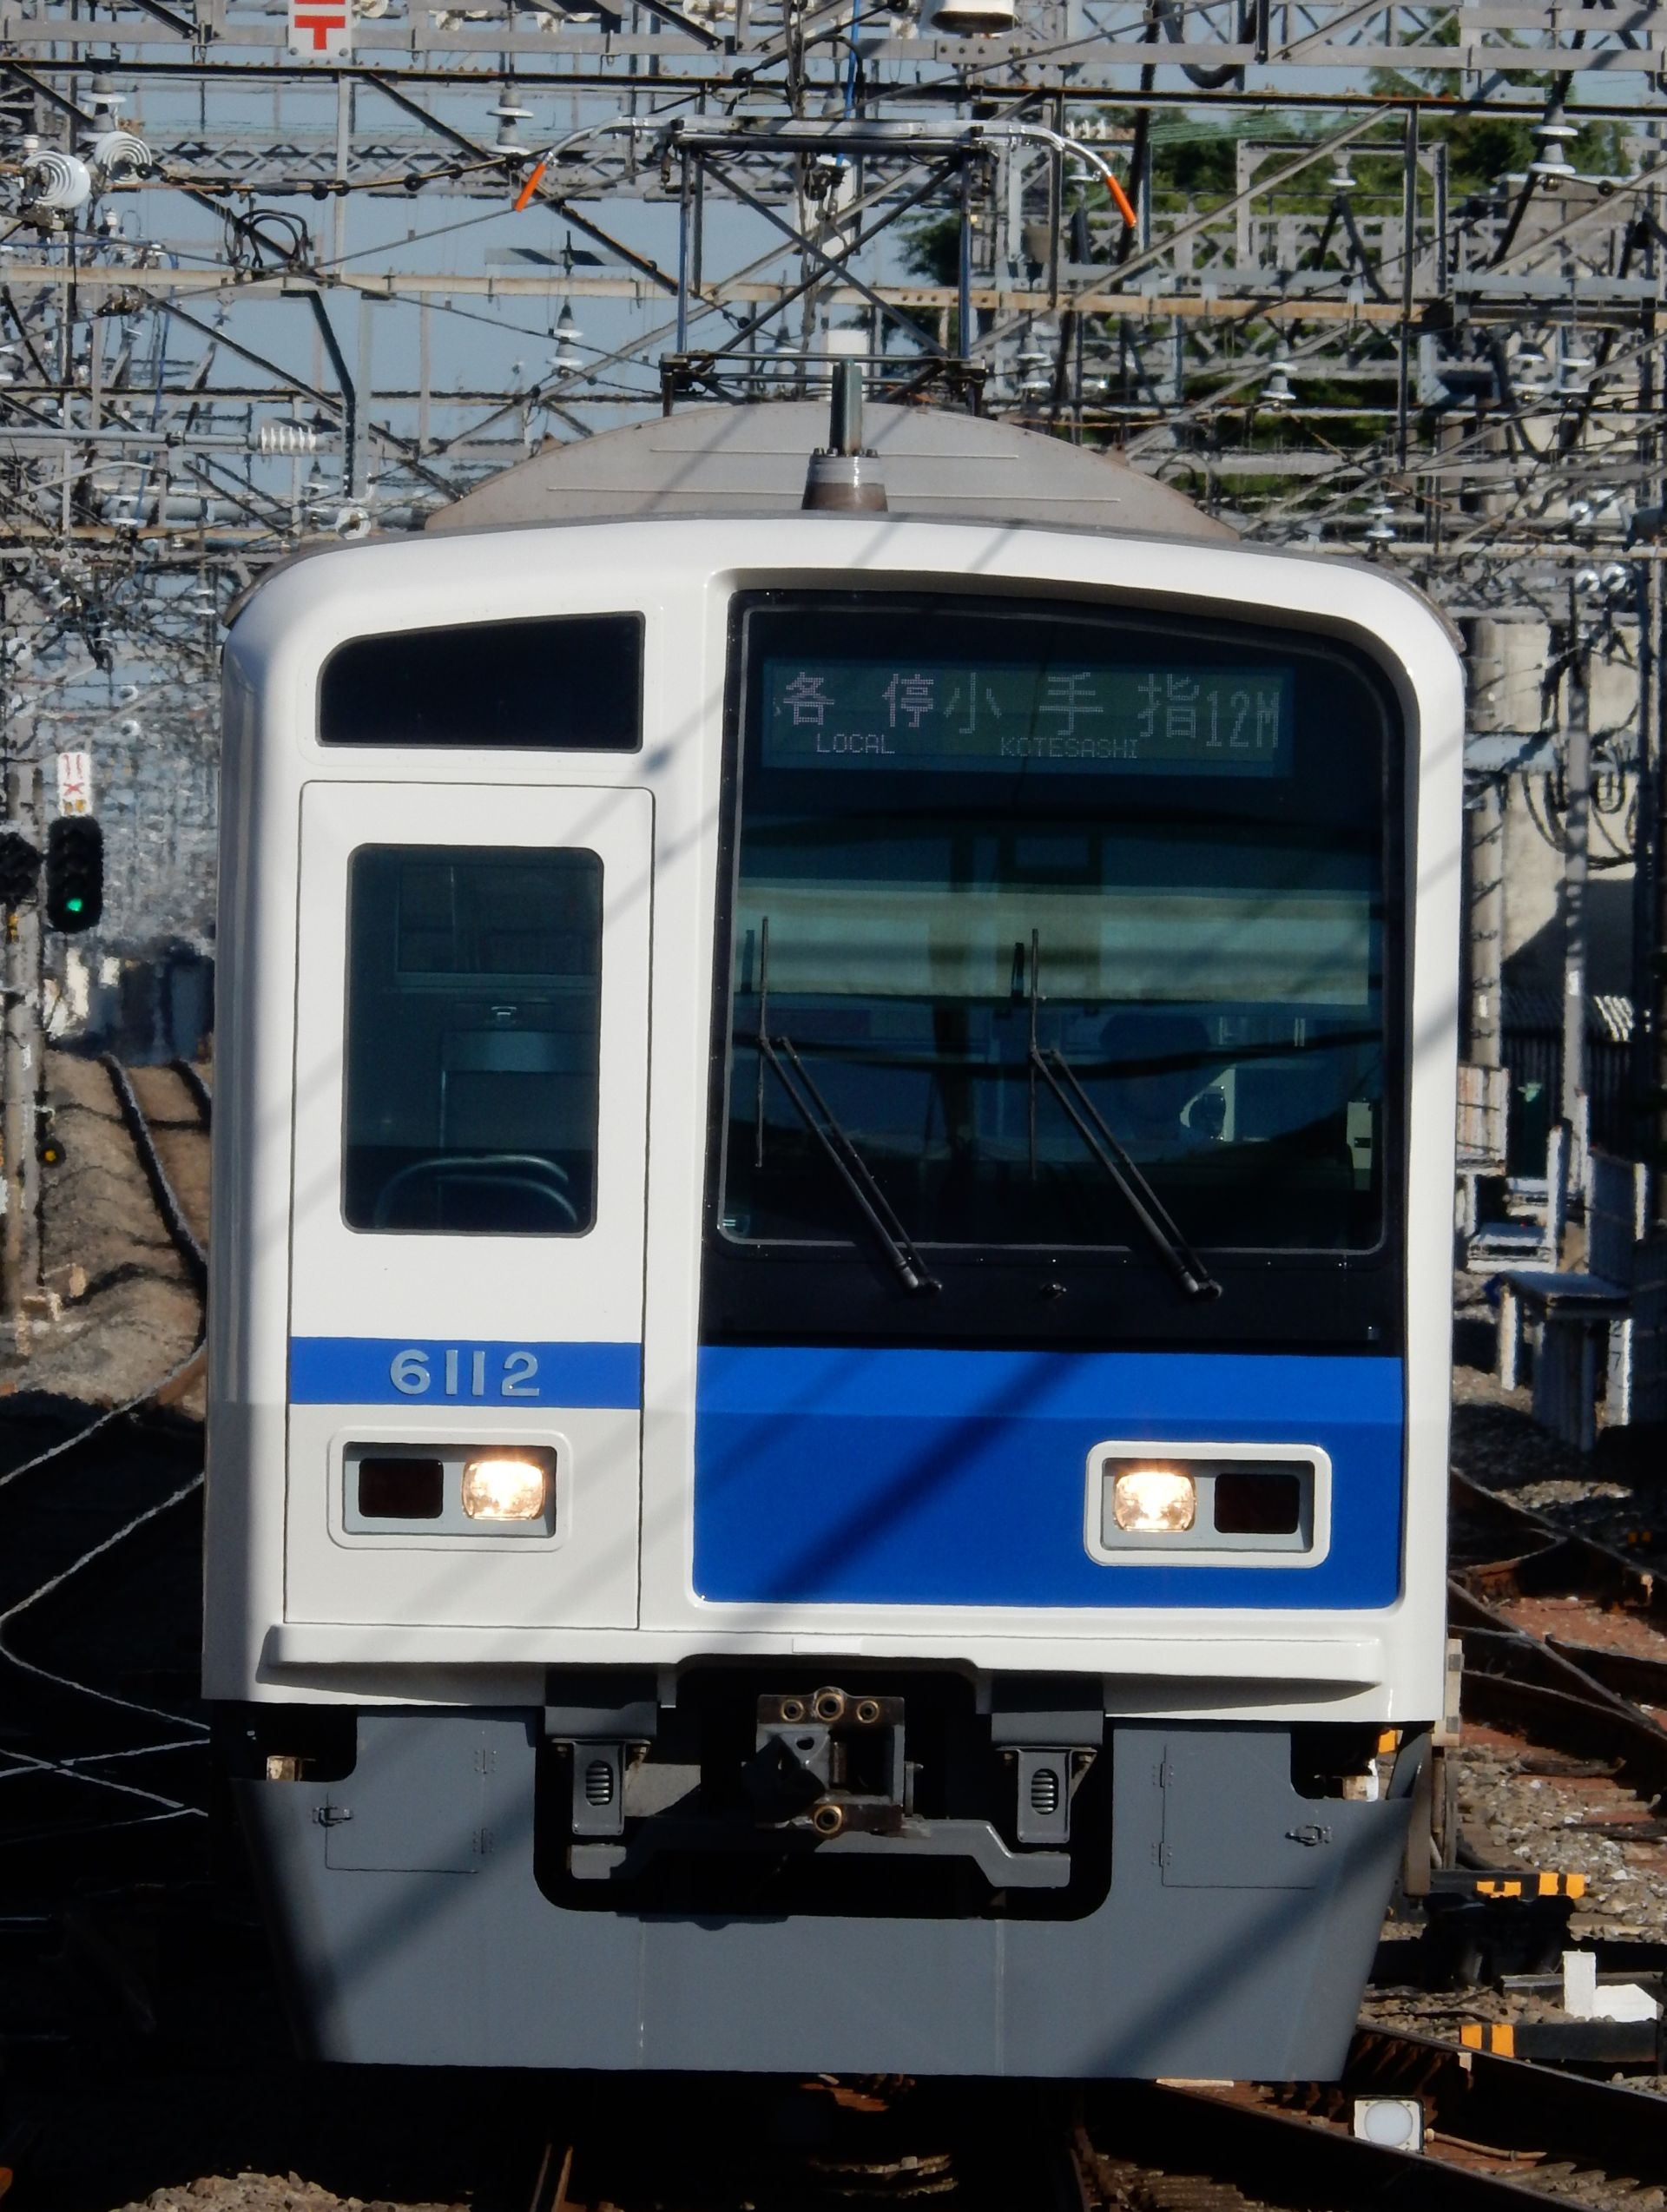 DSCN9850 - コピー